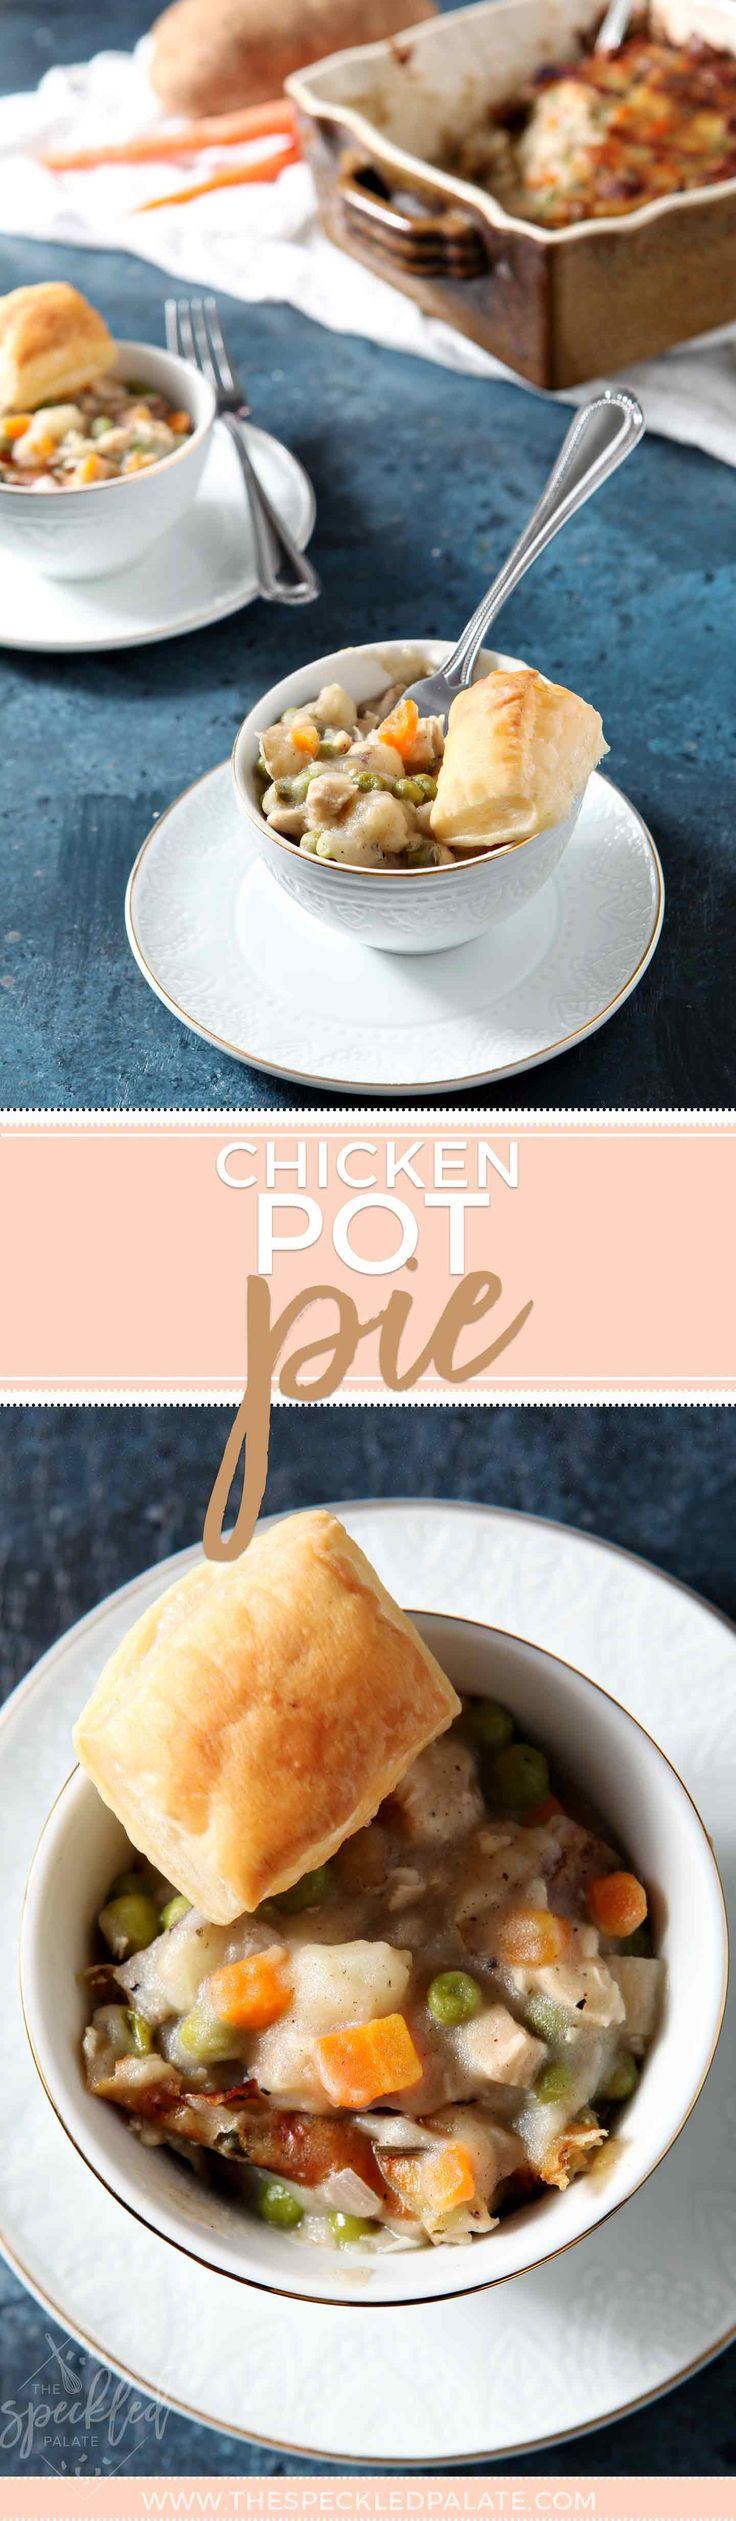 Chicken Pot Pie #easyrecipe #dinnerrecipe #chickenpotpie